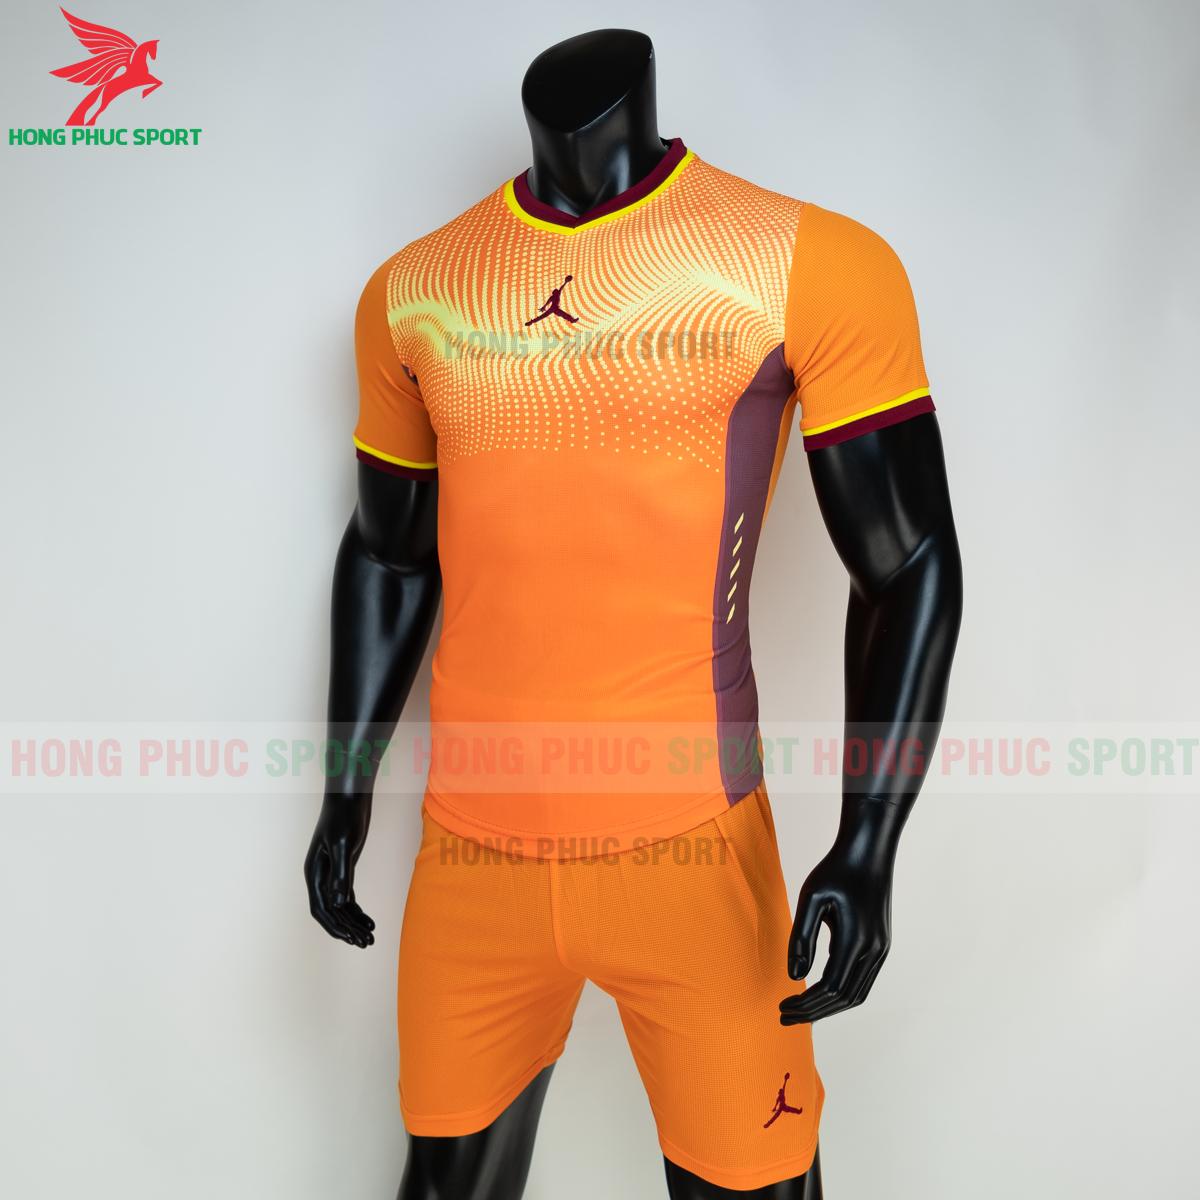 https://cdn.hongphucsport.com/unsafe/s4.shopbay.vn/files/285/ao-bong-chuyen-khong-logo-jordan-wave-mau-cam-4-60501f34ae951.png